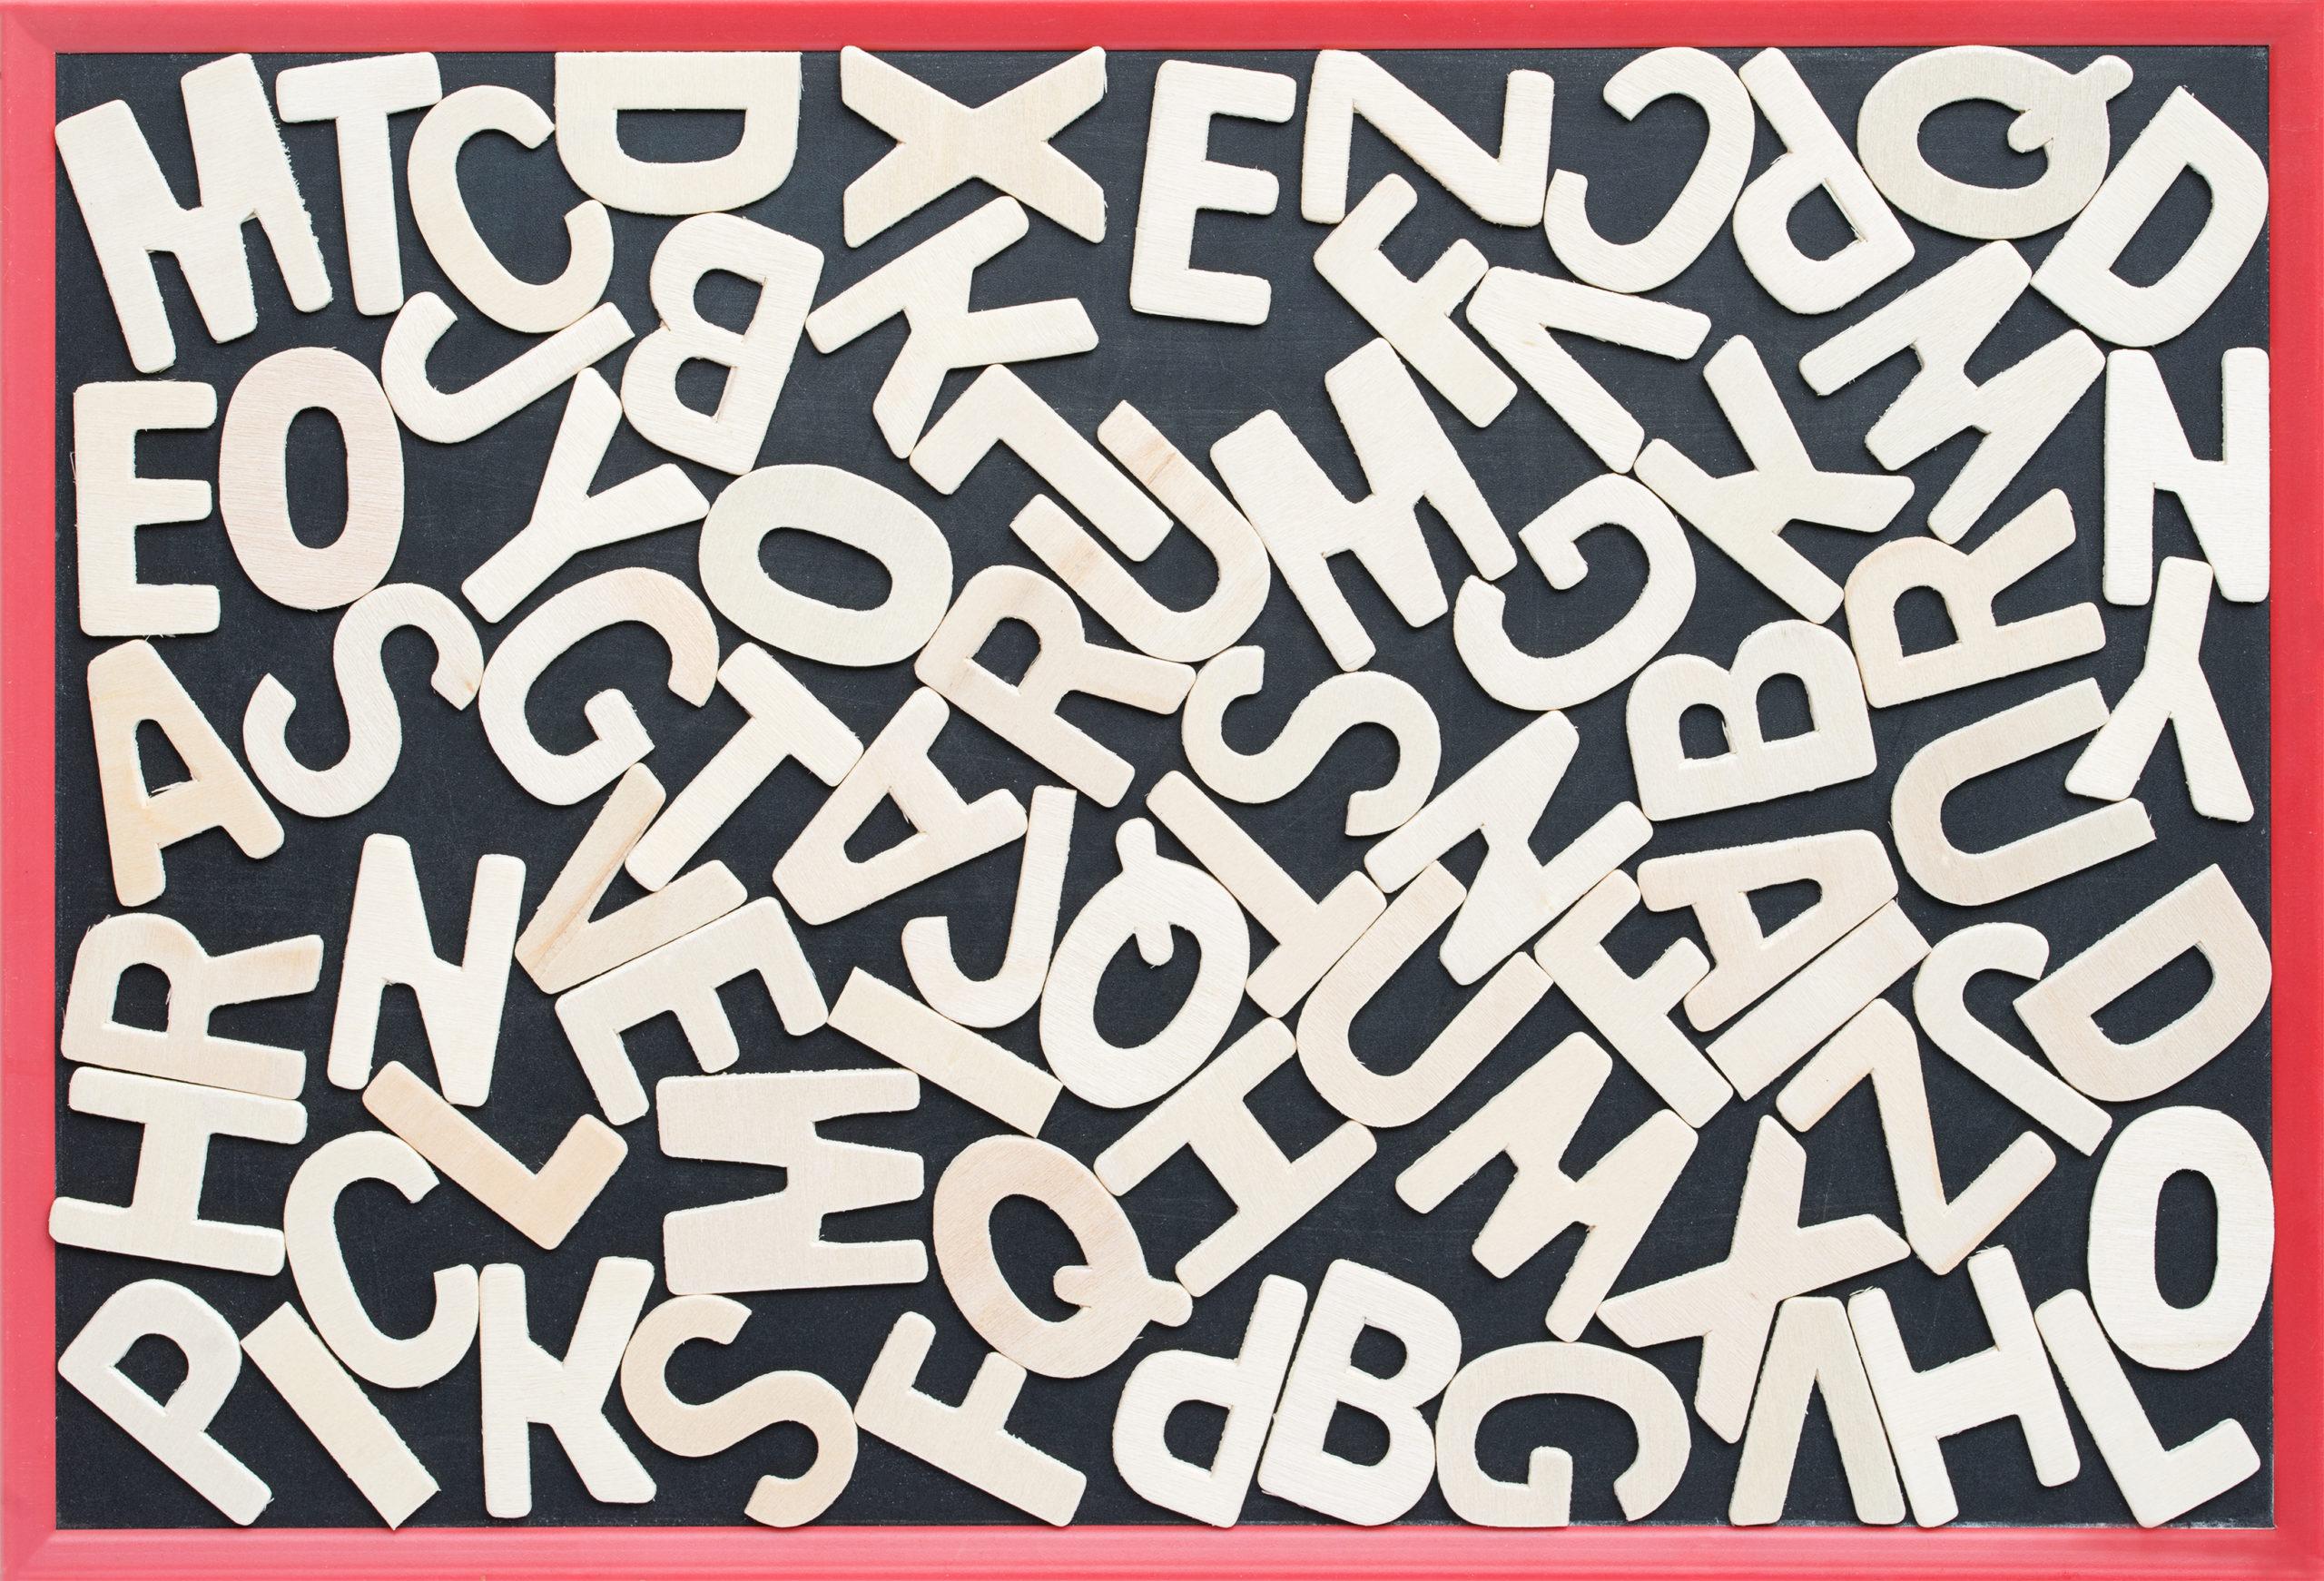 conjunto de letras desordenadas